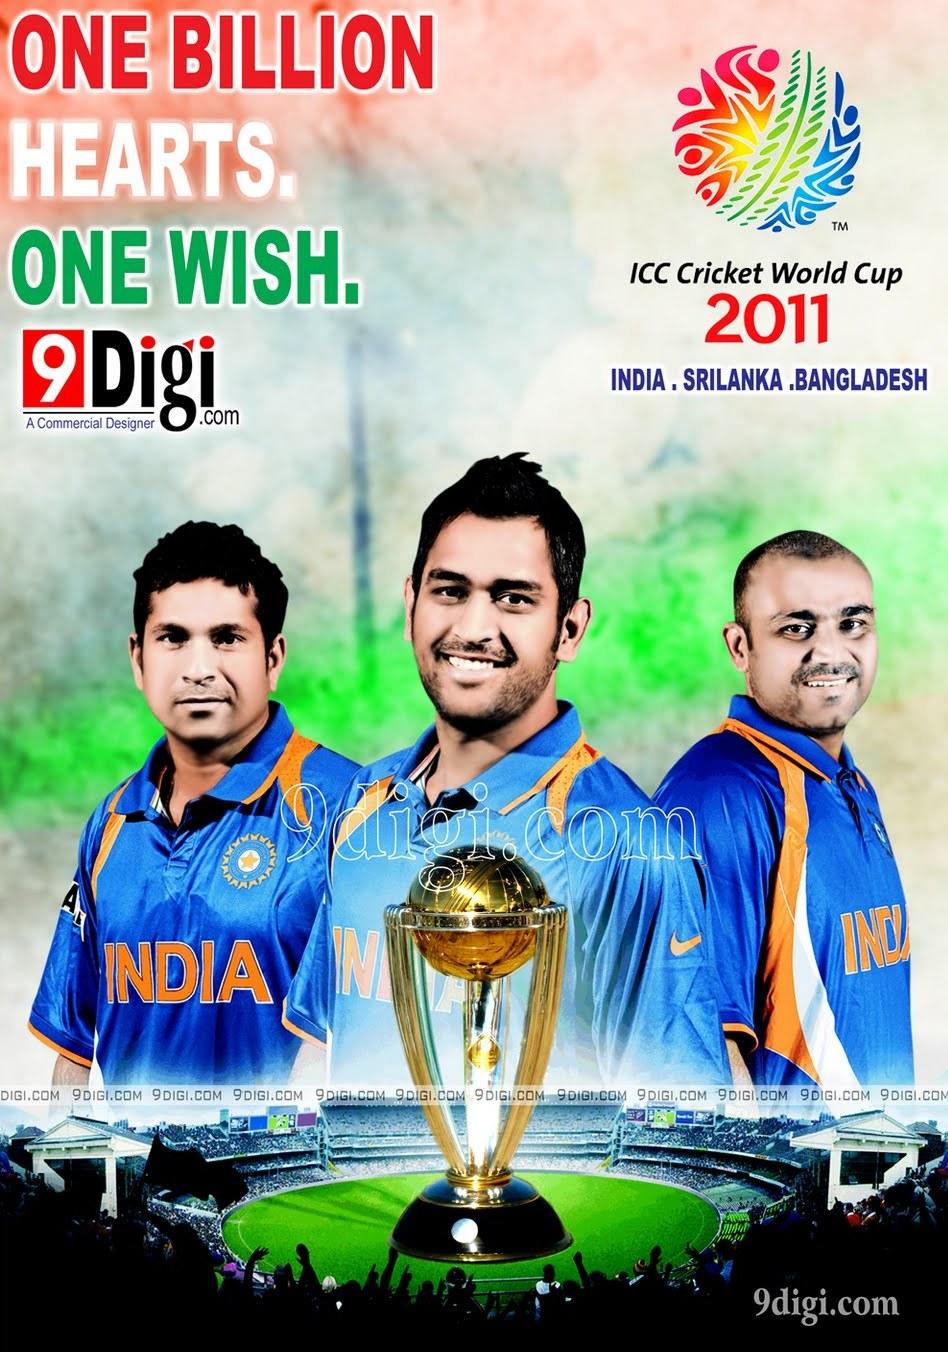 948 x 1352 jpeg 293kB, ... 1352 jpeg 293kB, Www Icc Cricket World Cup ...